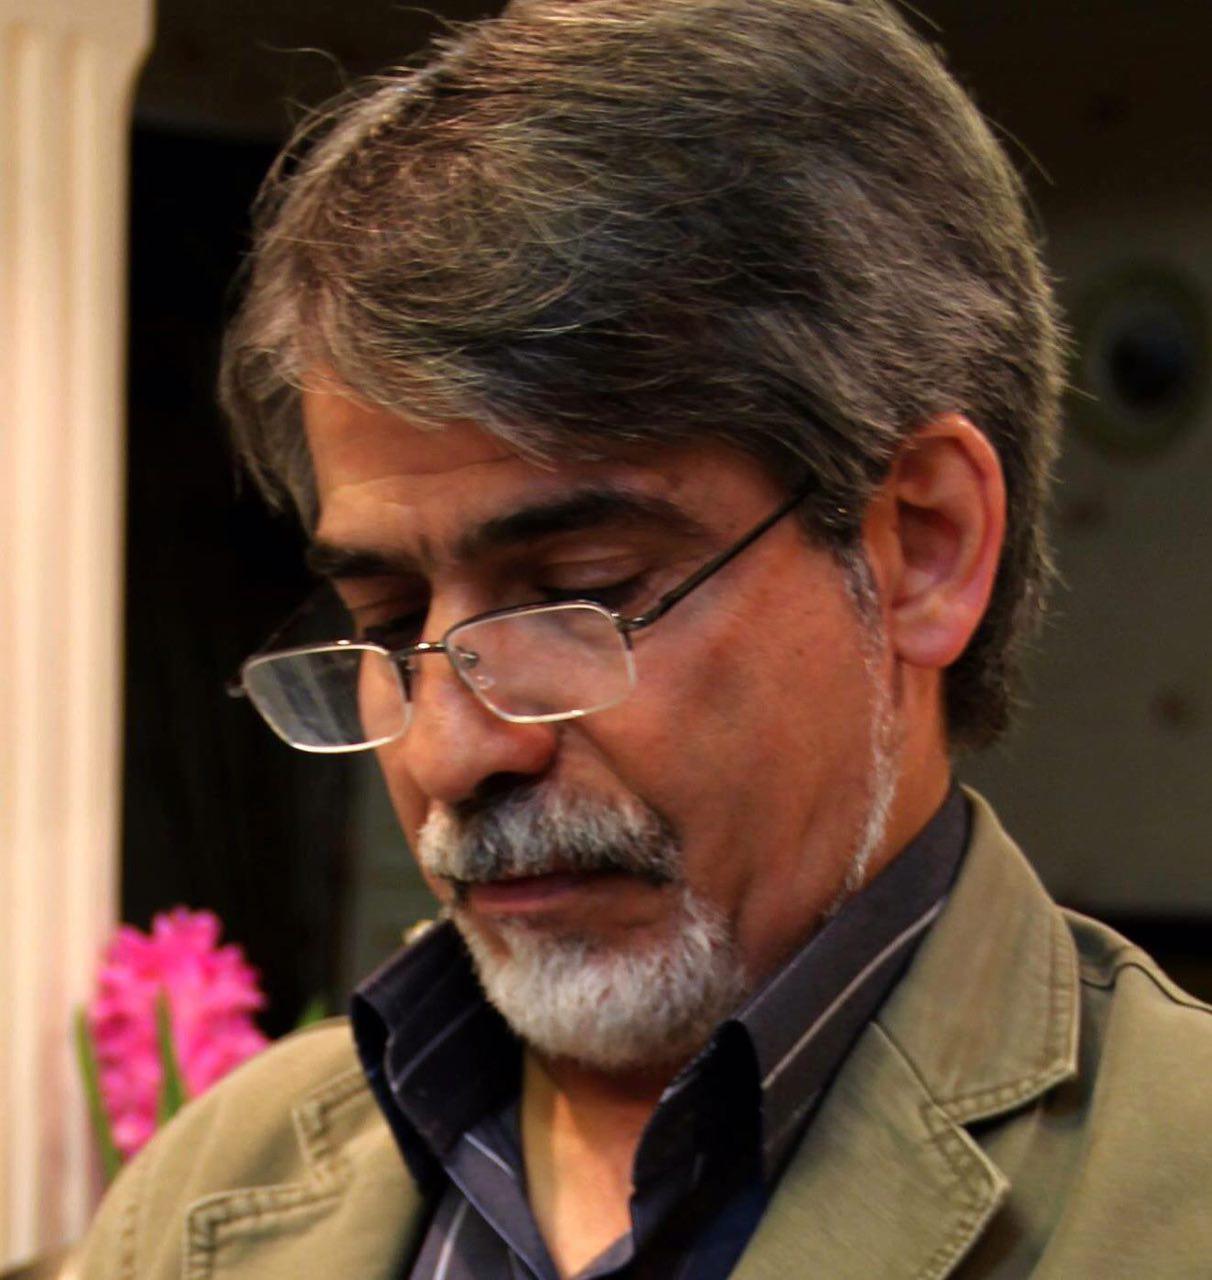 لینک گروه بجنوردی ها دكتر احمد پورنجاتى: من فداى يك نخود صداقت و شجاعت